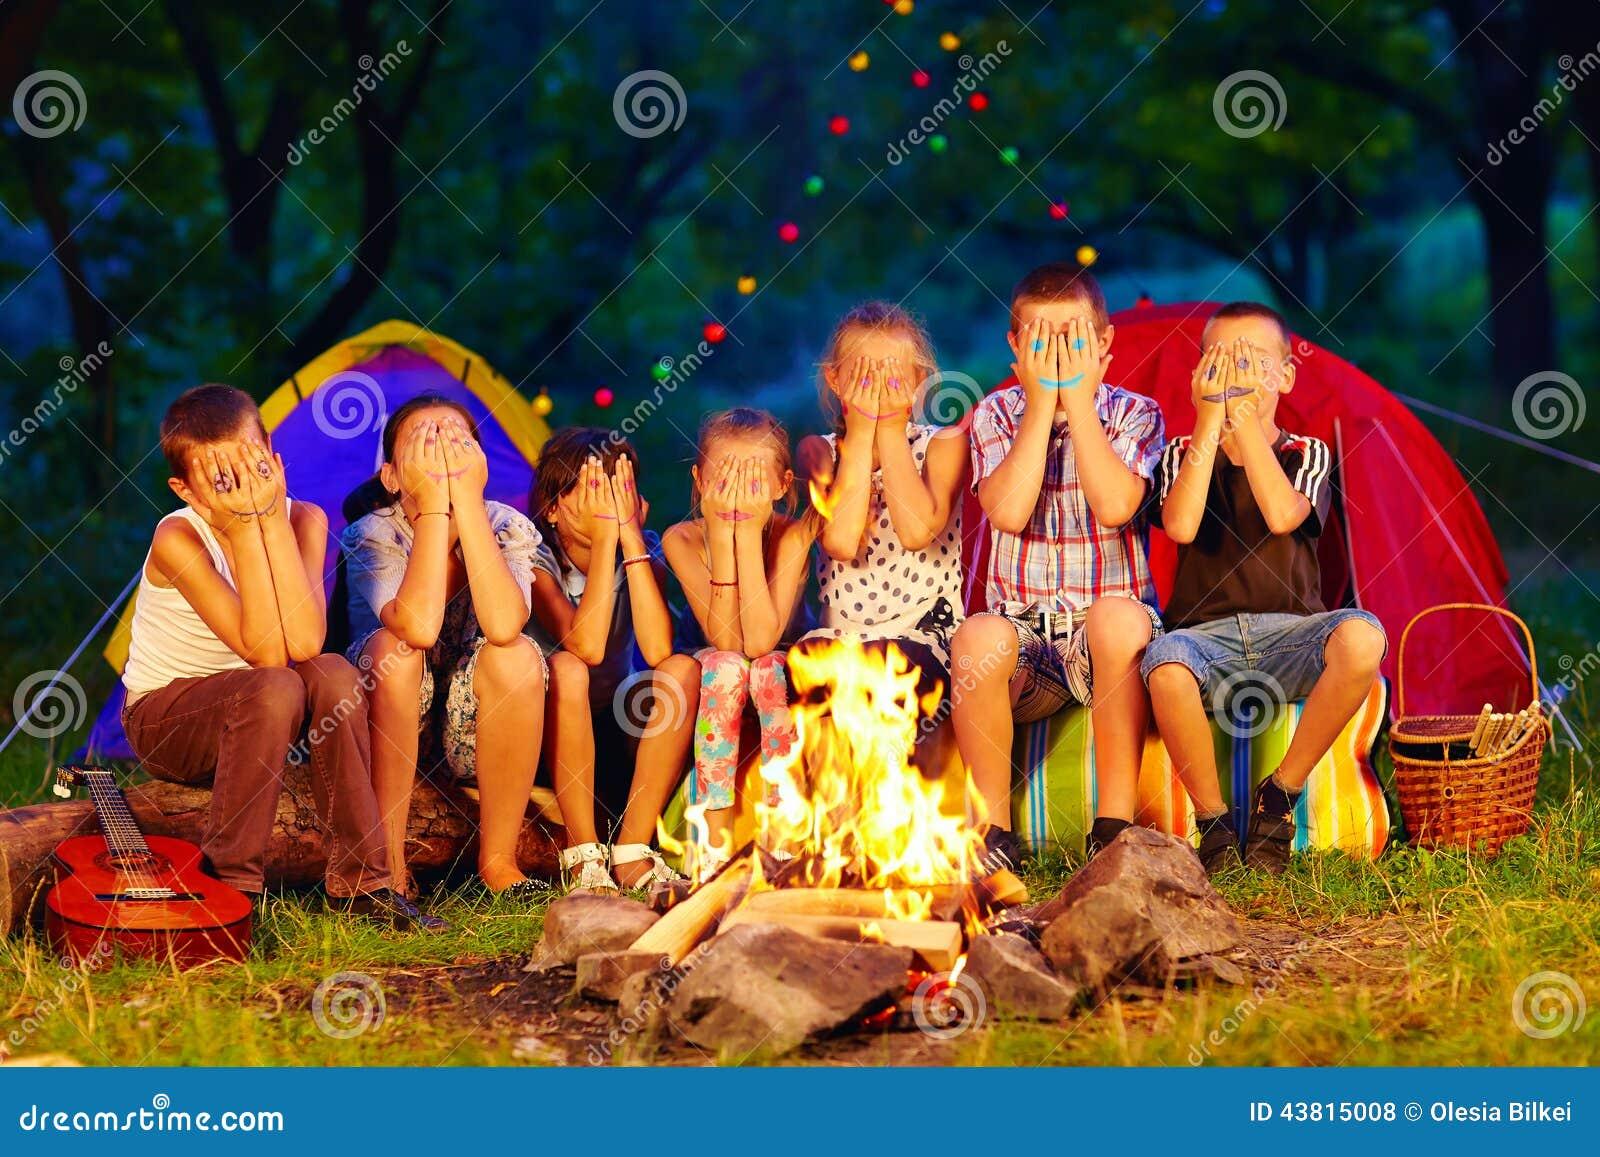 campfire at night clip art